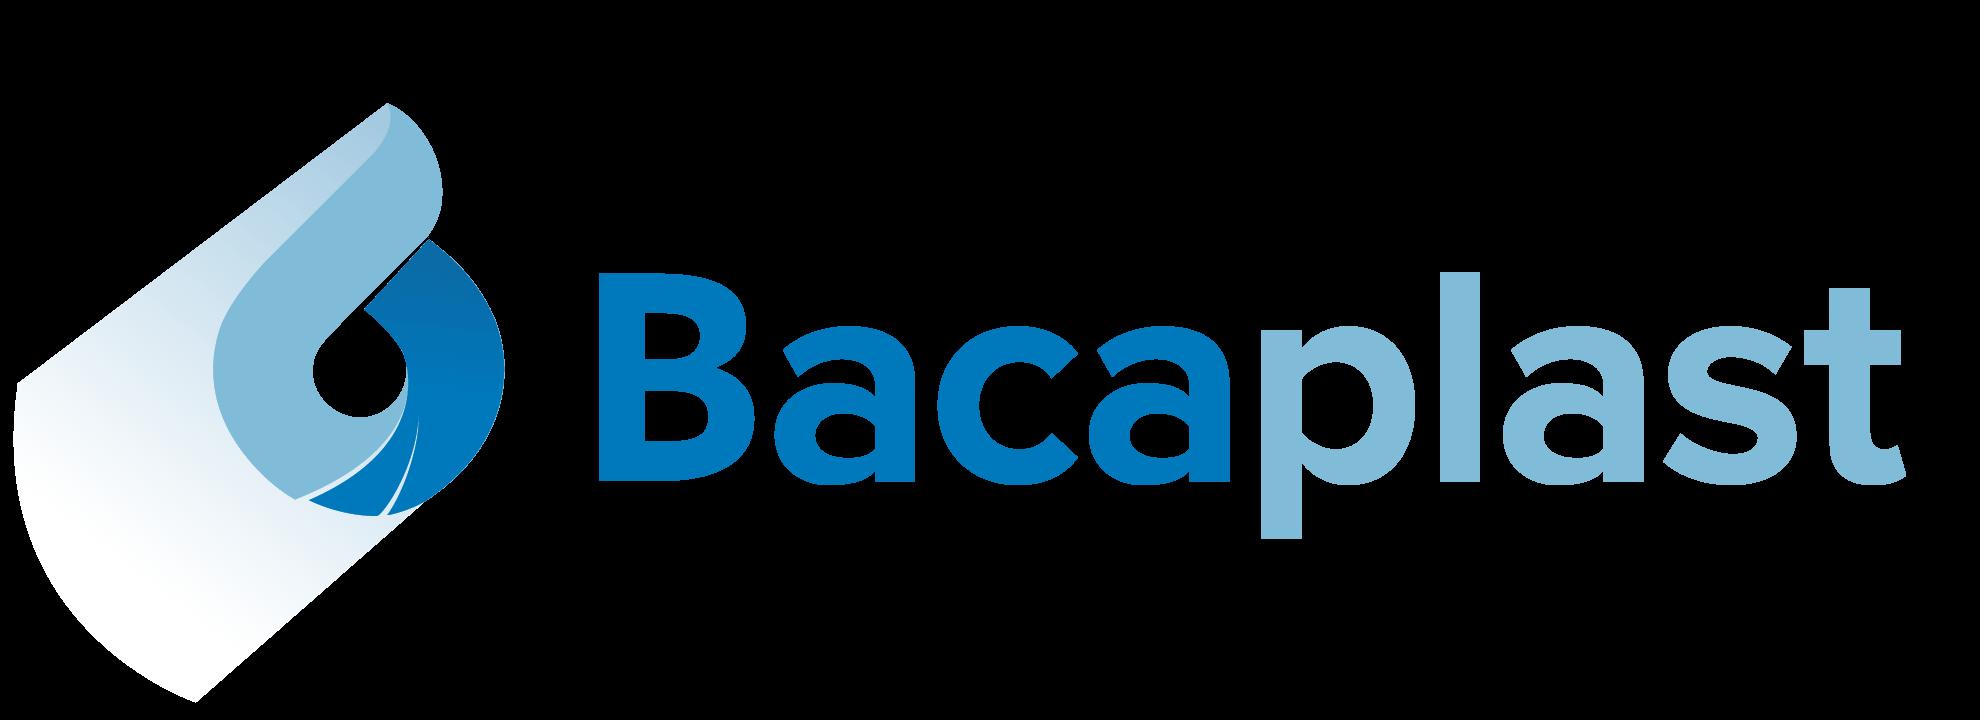 Stilren logo som del av grafisk profil for bacaplast